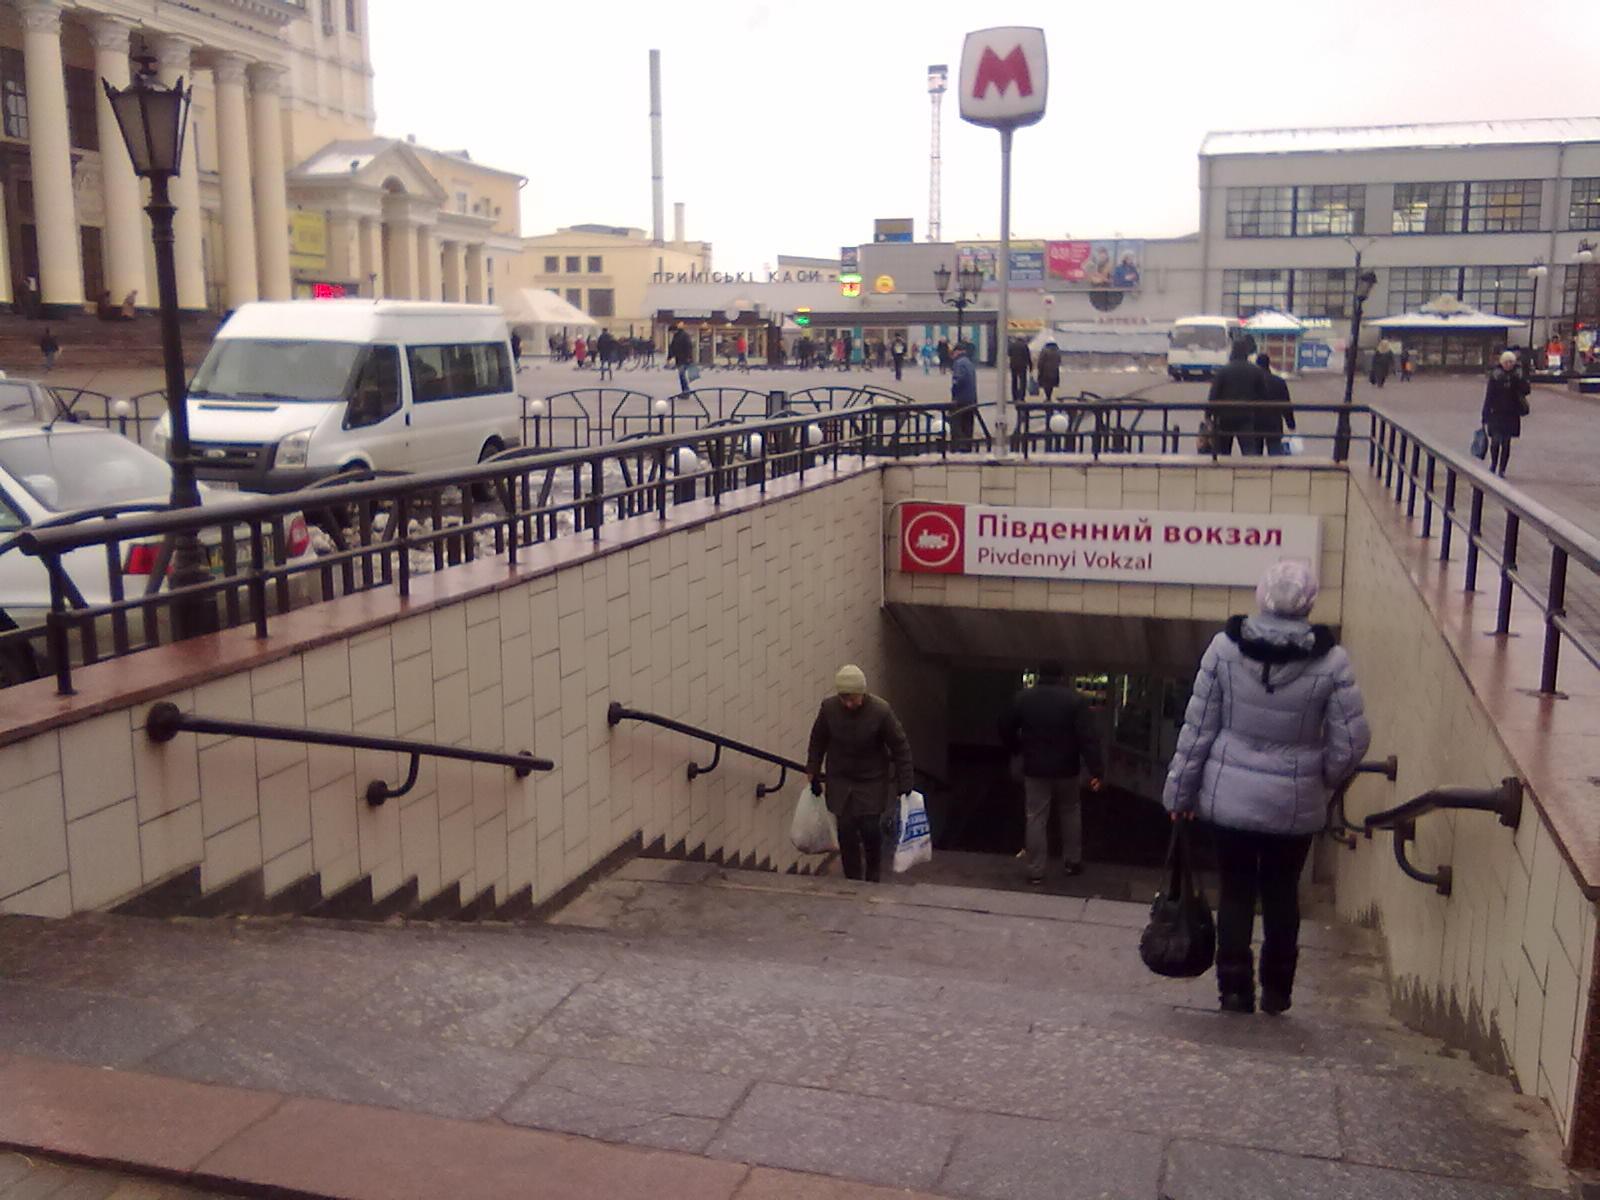 Продавец булочек шокировала пассажиров подземки (ФОТО)